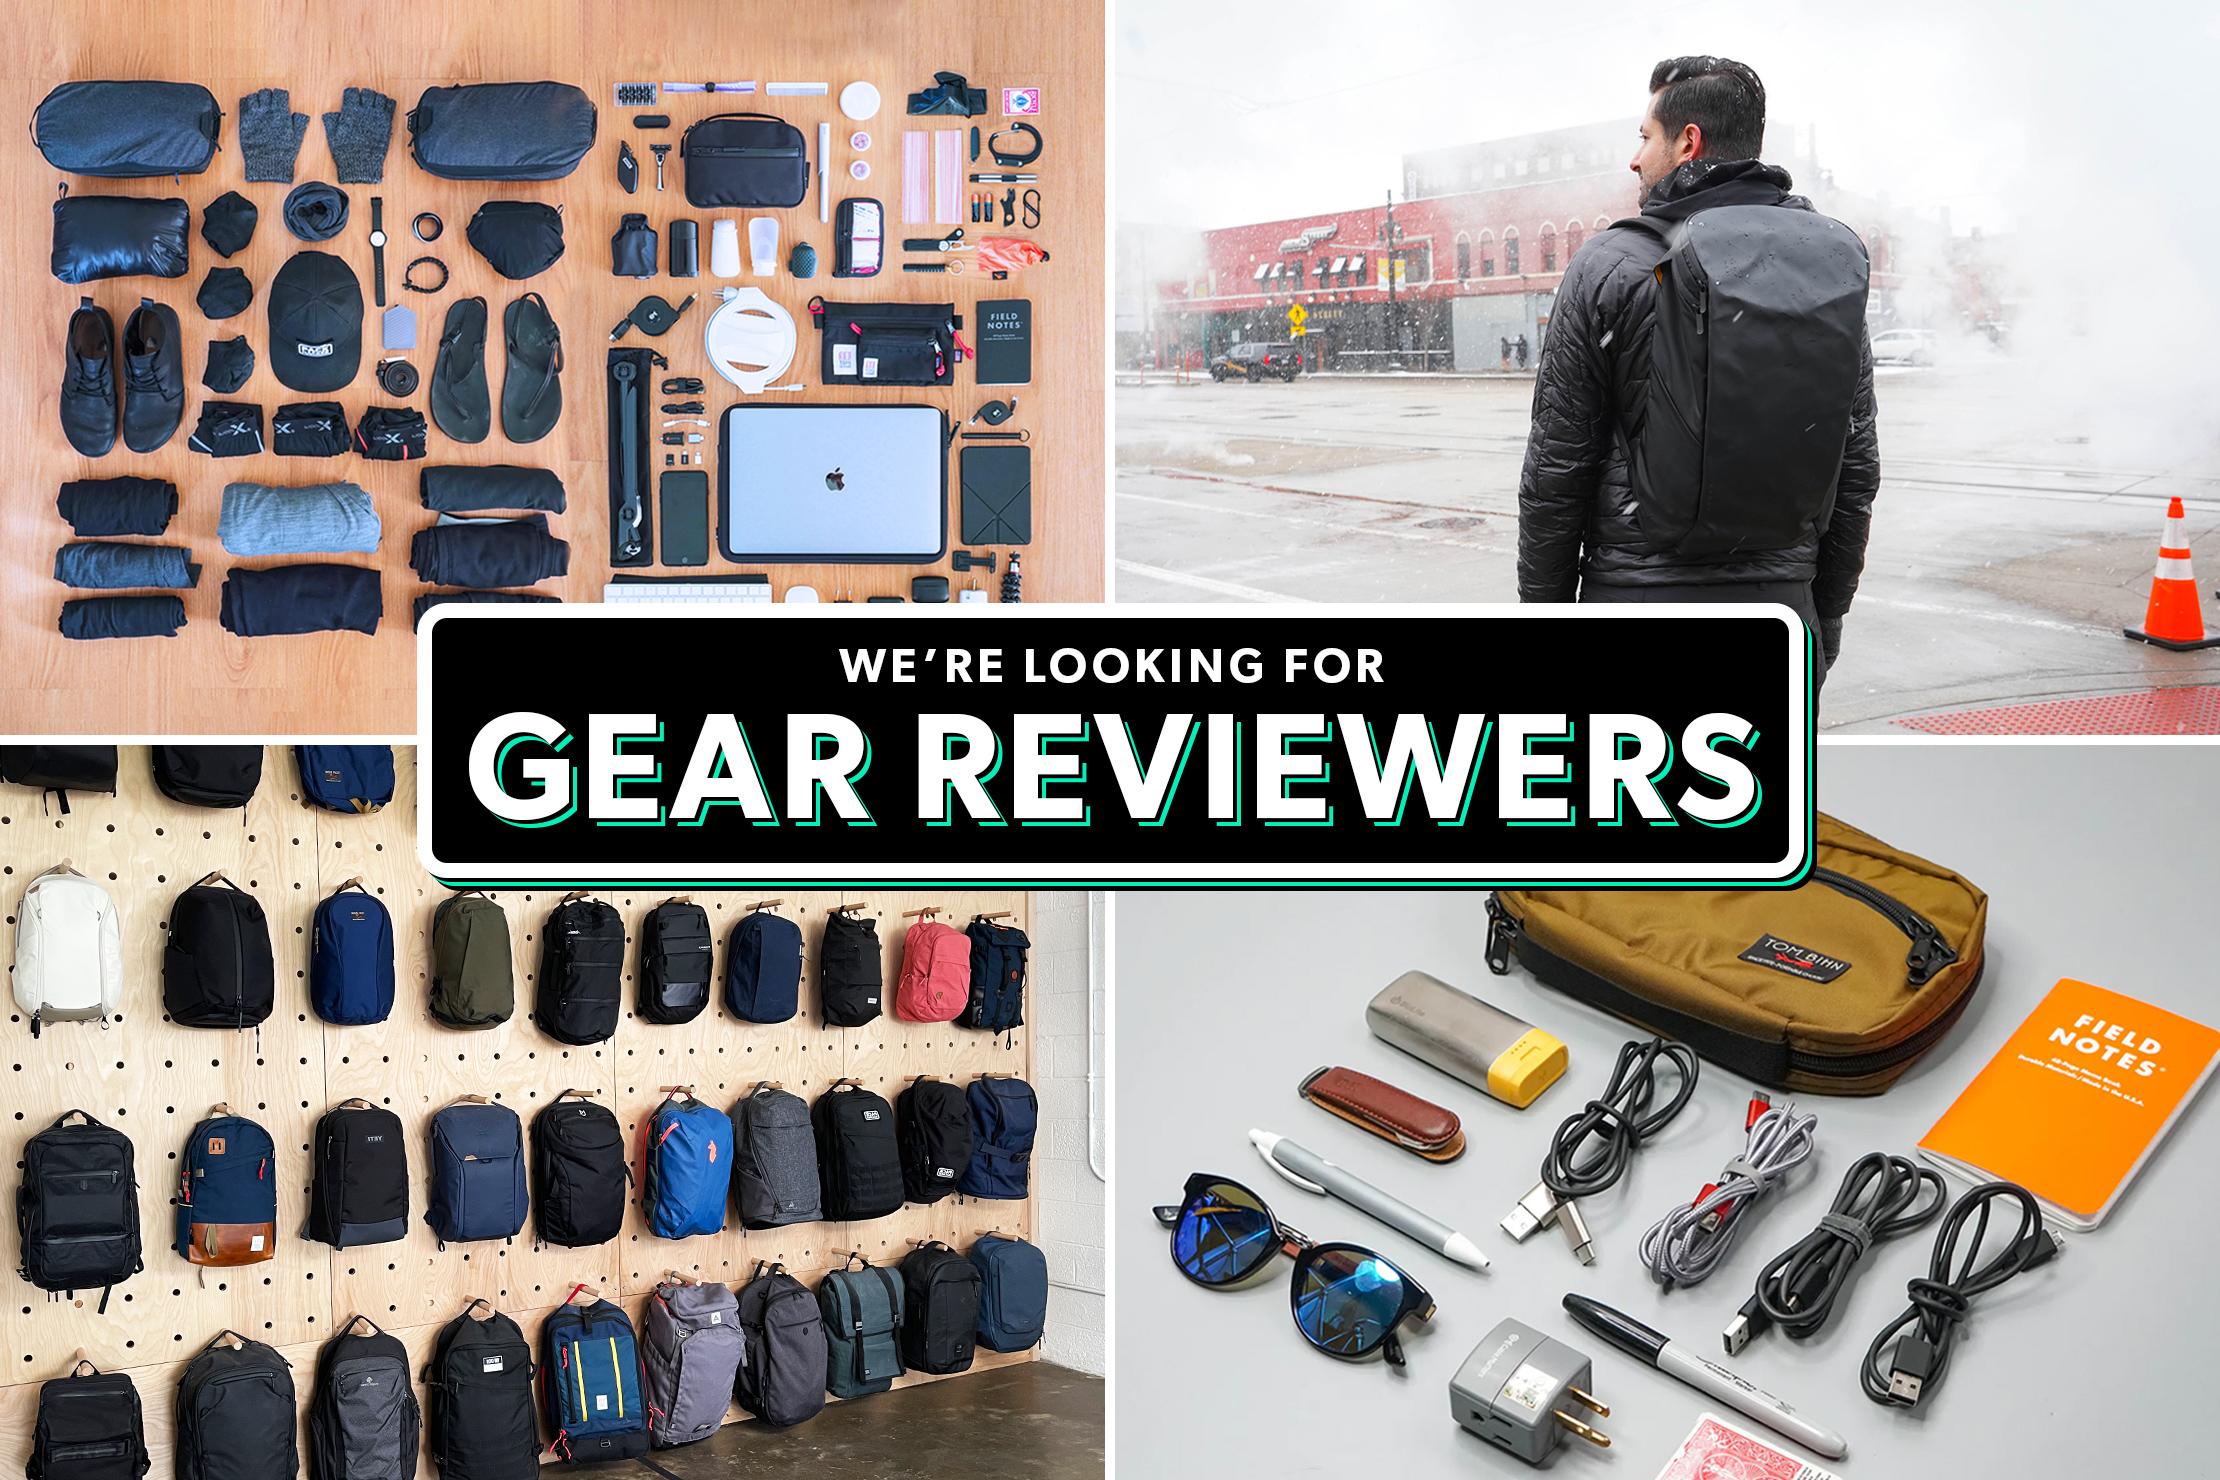 Hiring Gear Reviewers